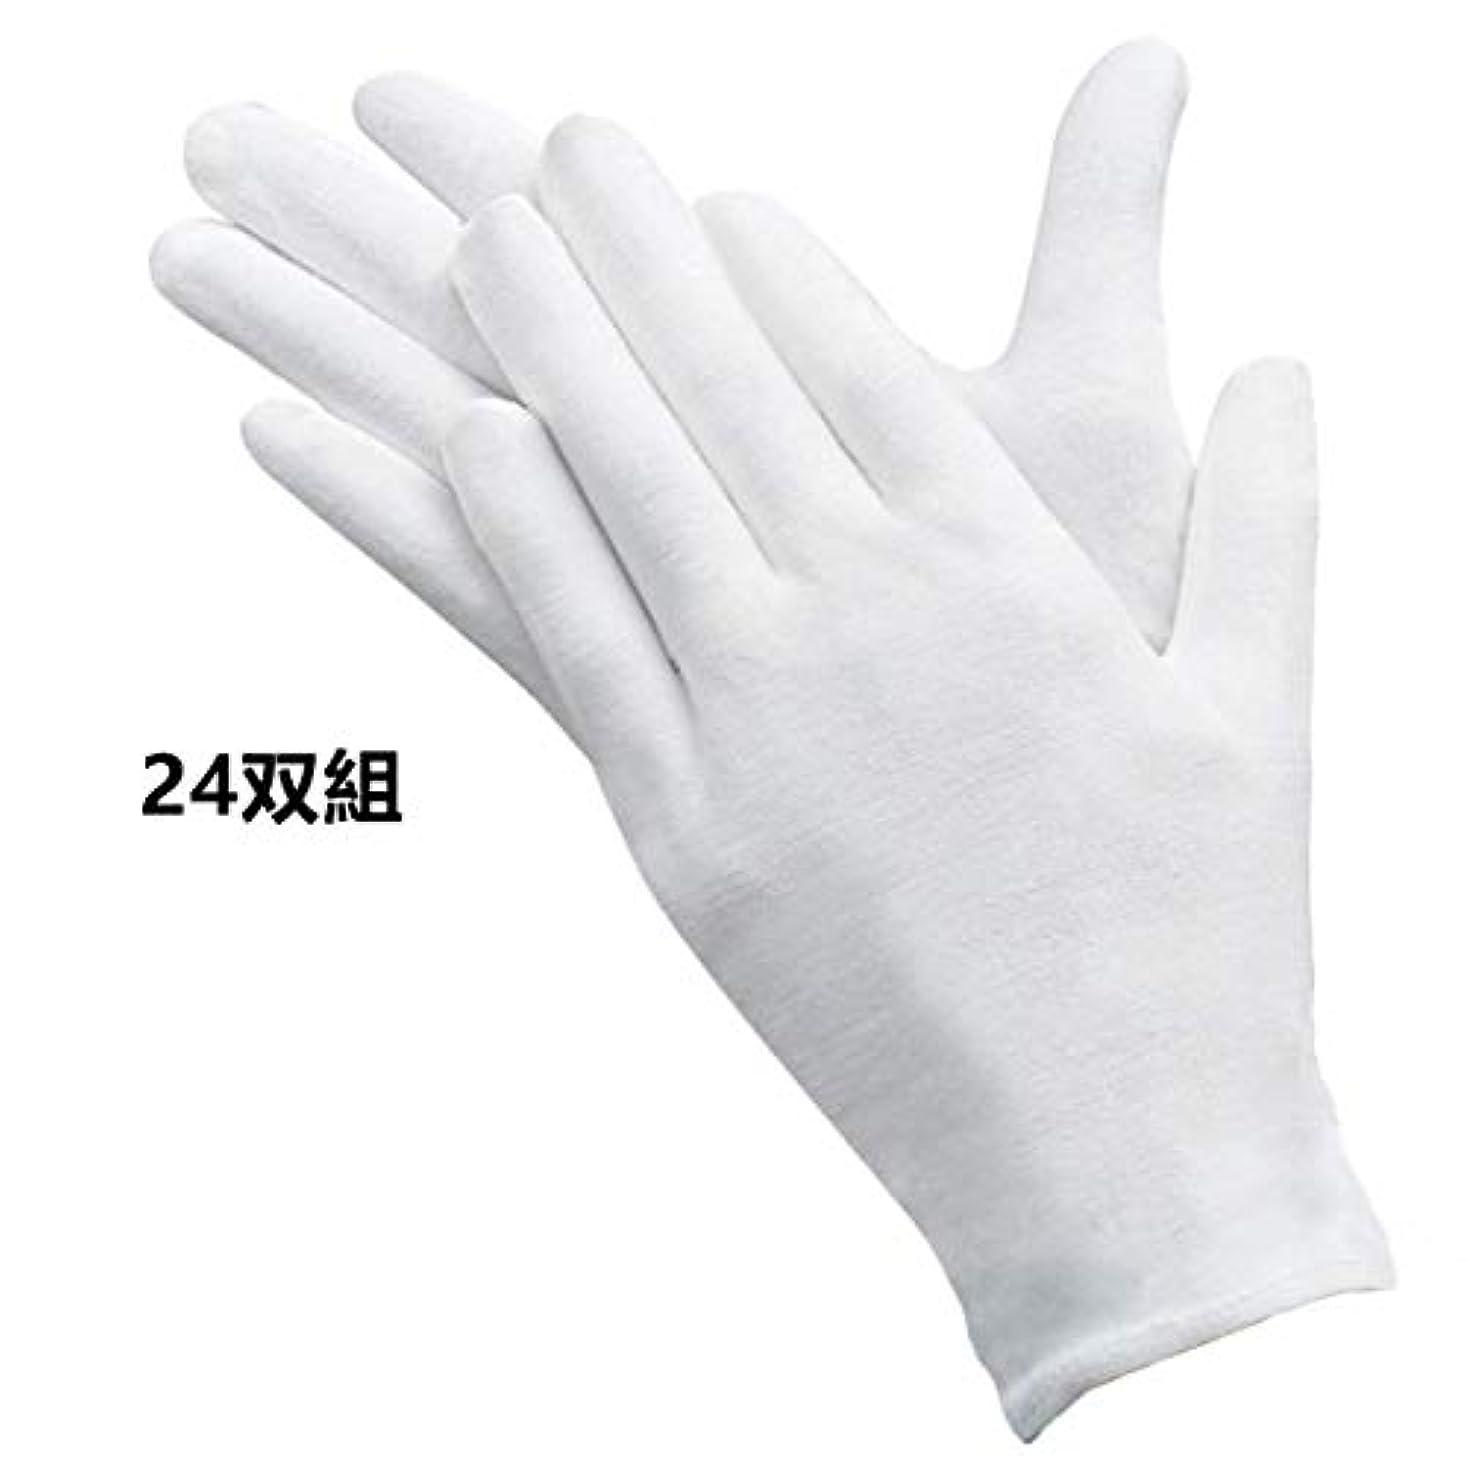 切る参加者有効winkong 綿手袋 24双組入り Lサイズ 純綿100% ホワイト コットン手袋 白手袋 メンズ 手袋 レディース 手荒れ防止 おやすみ 湿疹用 乾燥肌用 保湿用 礼装用 作業用